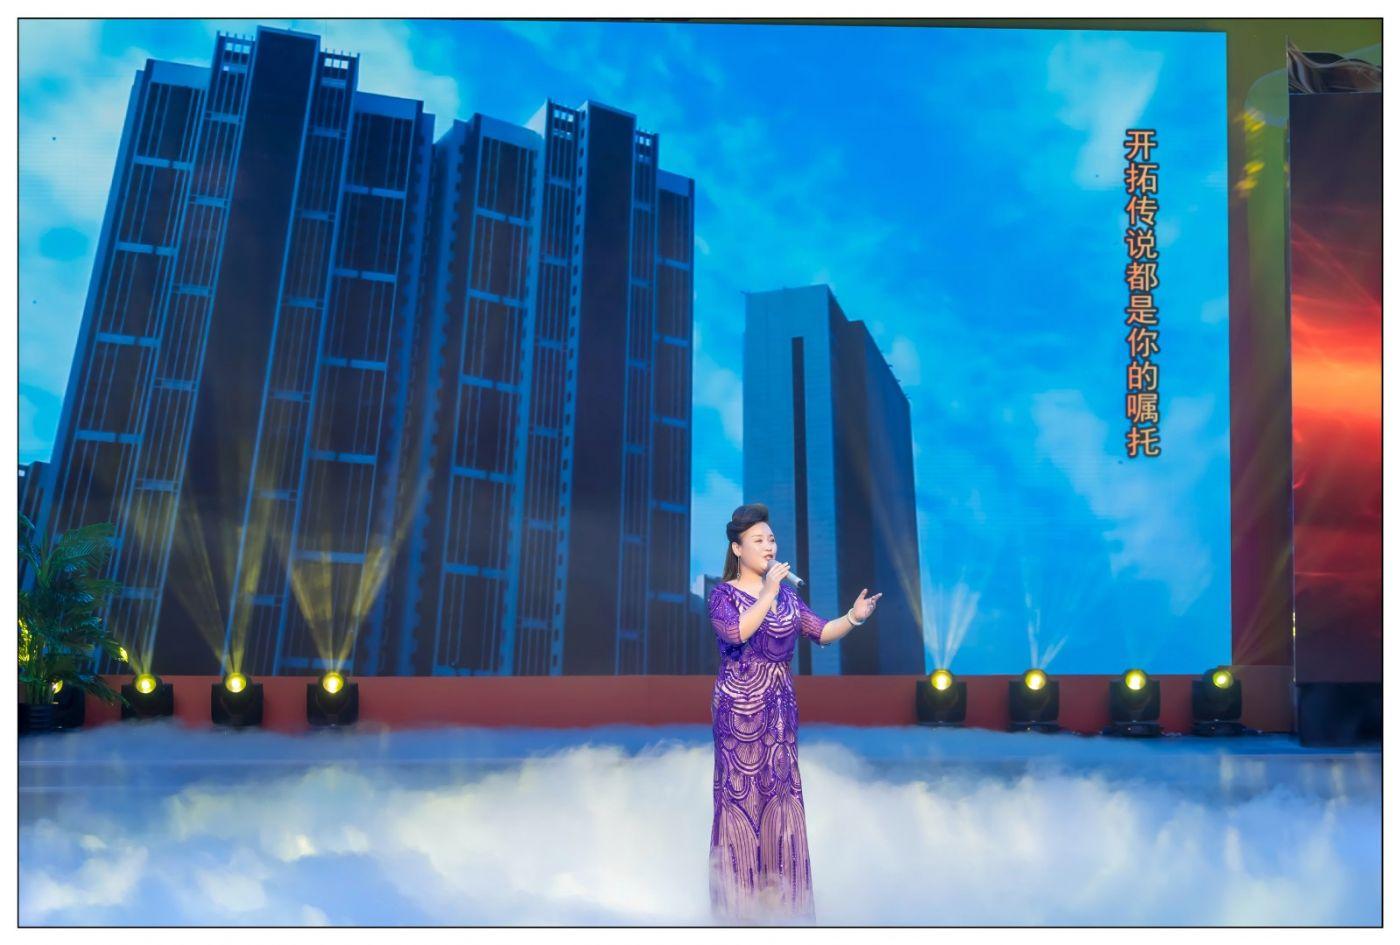 临沂姑娘杨妮妮曾感动春晚总动员 今晚在临沂电视台大放异彩 ..._图1-9